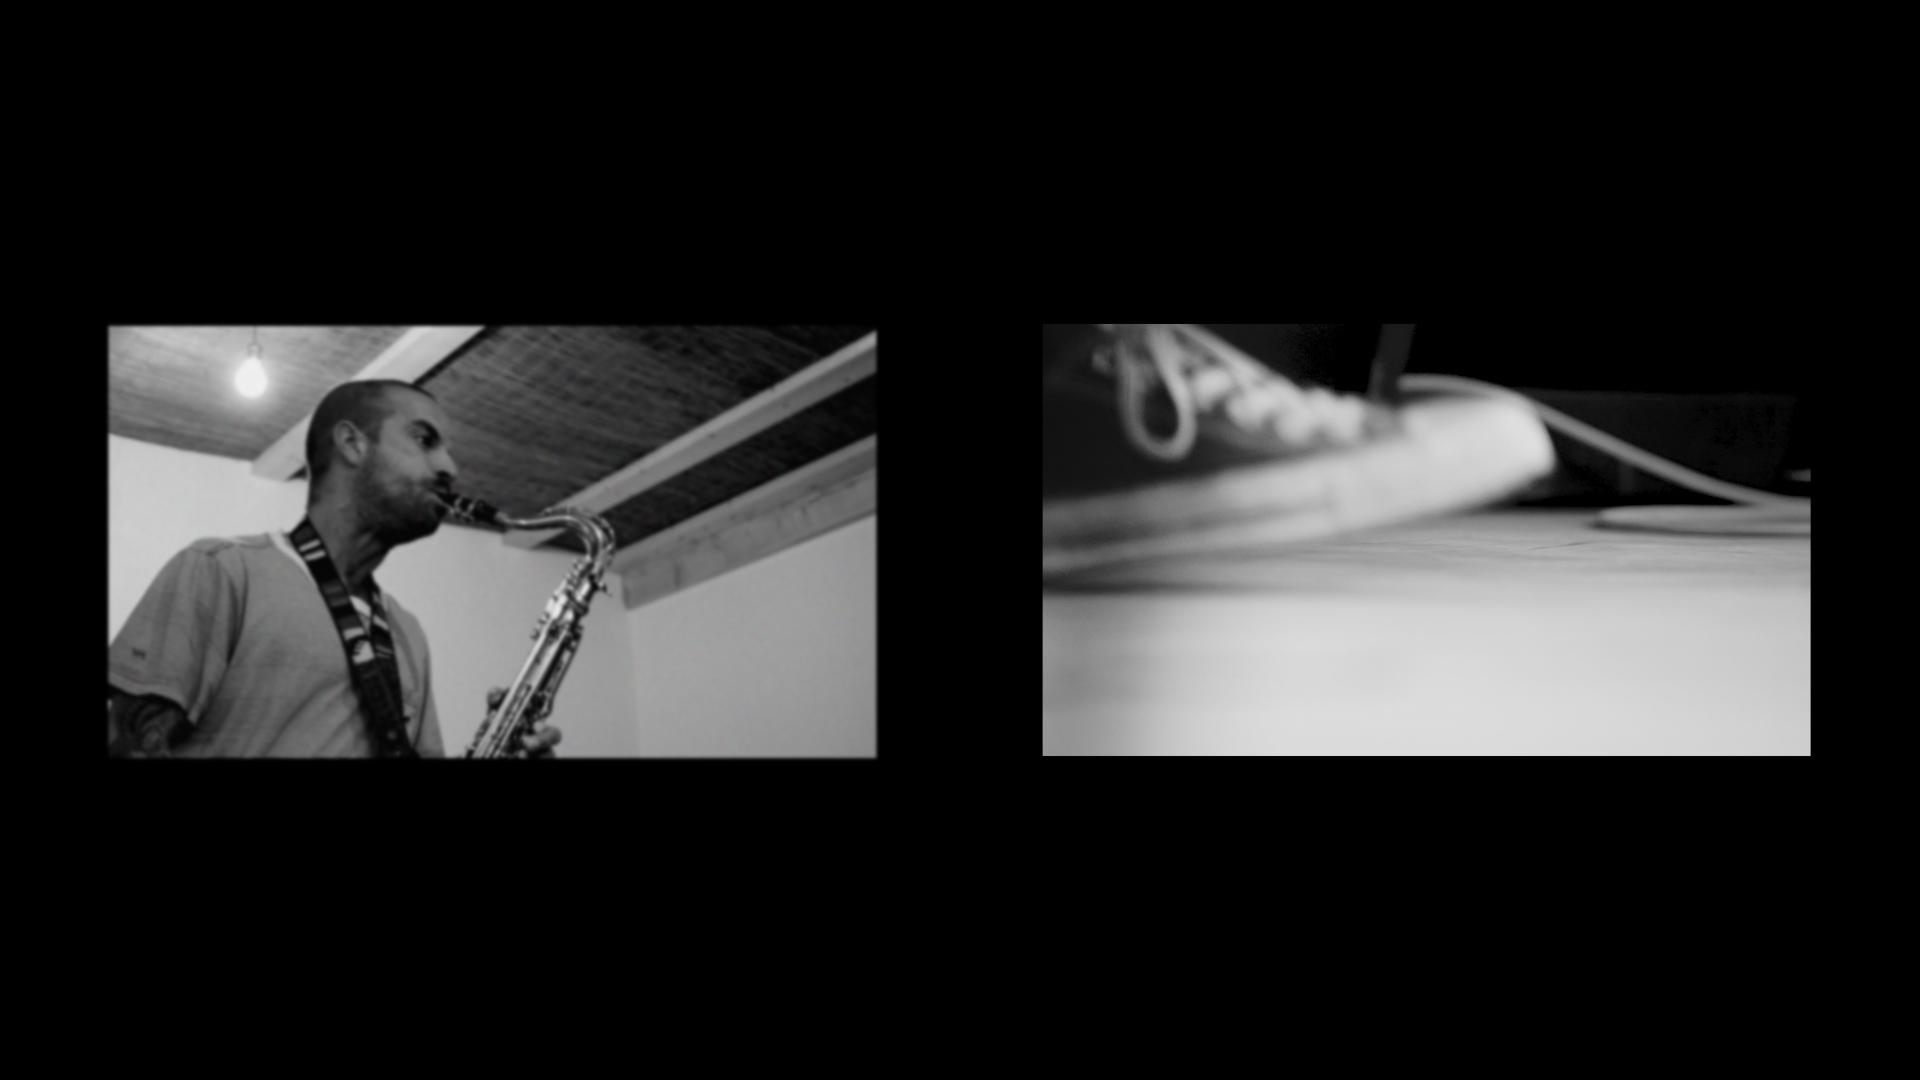 Fantastic-Acid-003-AdrienBallanger-1.jpg